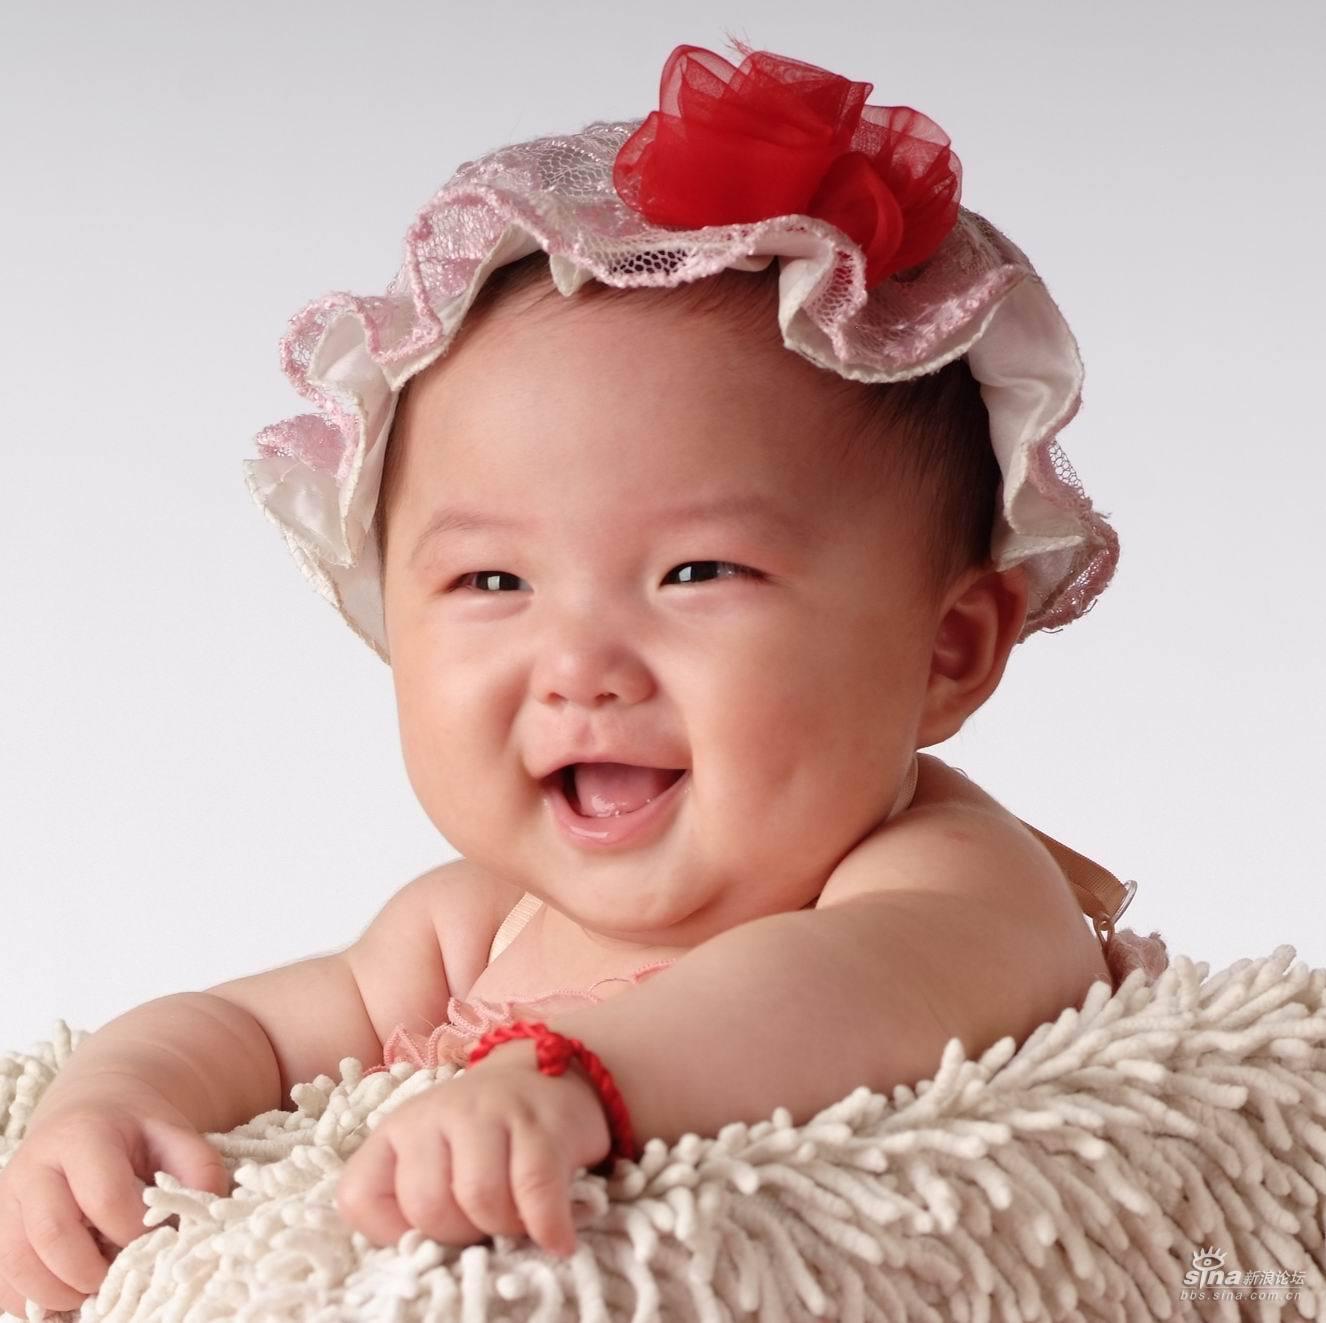 我家有个聪明可爱的奥运宝宝,名叫董子涵,女孩,2008年1月30日出生